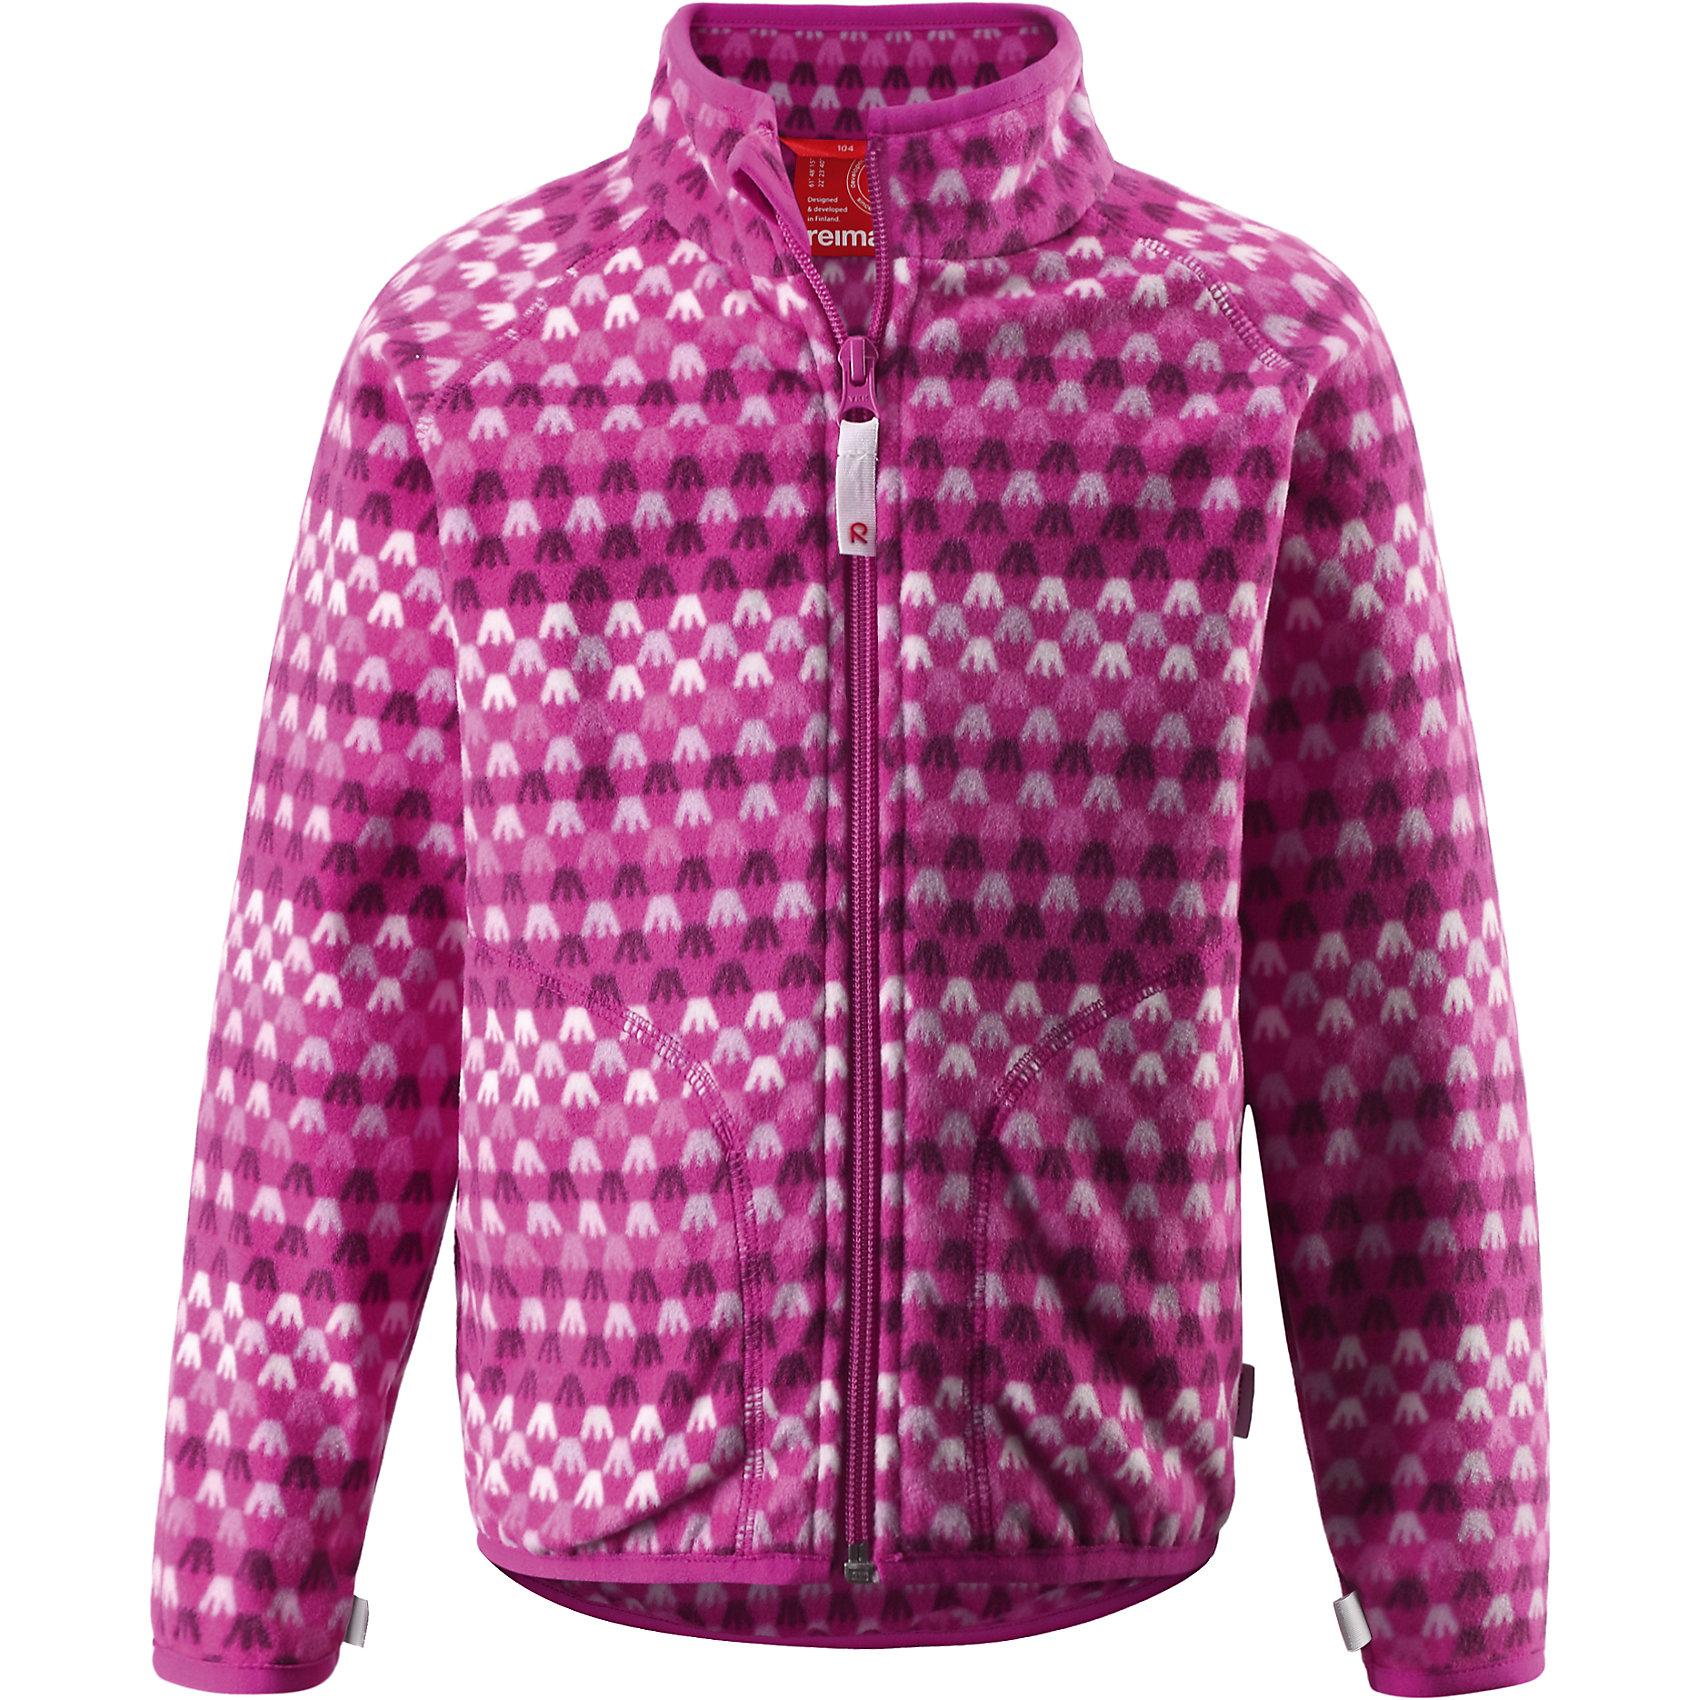 Куртка флисовая Steppe для девочки ReimaКуртка флисовая  Reima<br>Флисовая куртка для детей. Выводит влагу наружу и быстро сохнет. Теплый, легкий и быстросохнущий поларфлис. Может пристегиваться к верхней одежде Reima® кнопками Play Layers®. Эластичные манжеты. Удлиненный подол сзади. Молния по всей длине с защитой подбородка. Боковые карманы. Принт по всей поверхности.<br>Уход:<br>Стирать по отдельности, вывернув наизнанку. Застегнуть молнии. Стирать моющим средством, не содержащим отбеливающие вещества. Полоскать без специального средства.  Сушить при низкой температуре.<br>Состав:<br>100% Полиэстер<br><br>Ширина мм: 356<br>Глубина мм: 10<br>Высота мм: 245<br>Вес г: 519<br>Цвет: розовый<br>Возраст от месяцев: 36<br>Возраст до месяцев: 48<br>Пол: Женский<br>Возраст: Детский<br>Размер: 104,116,122,128,134,140,110,92,98<br>SKU: 4779236